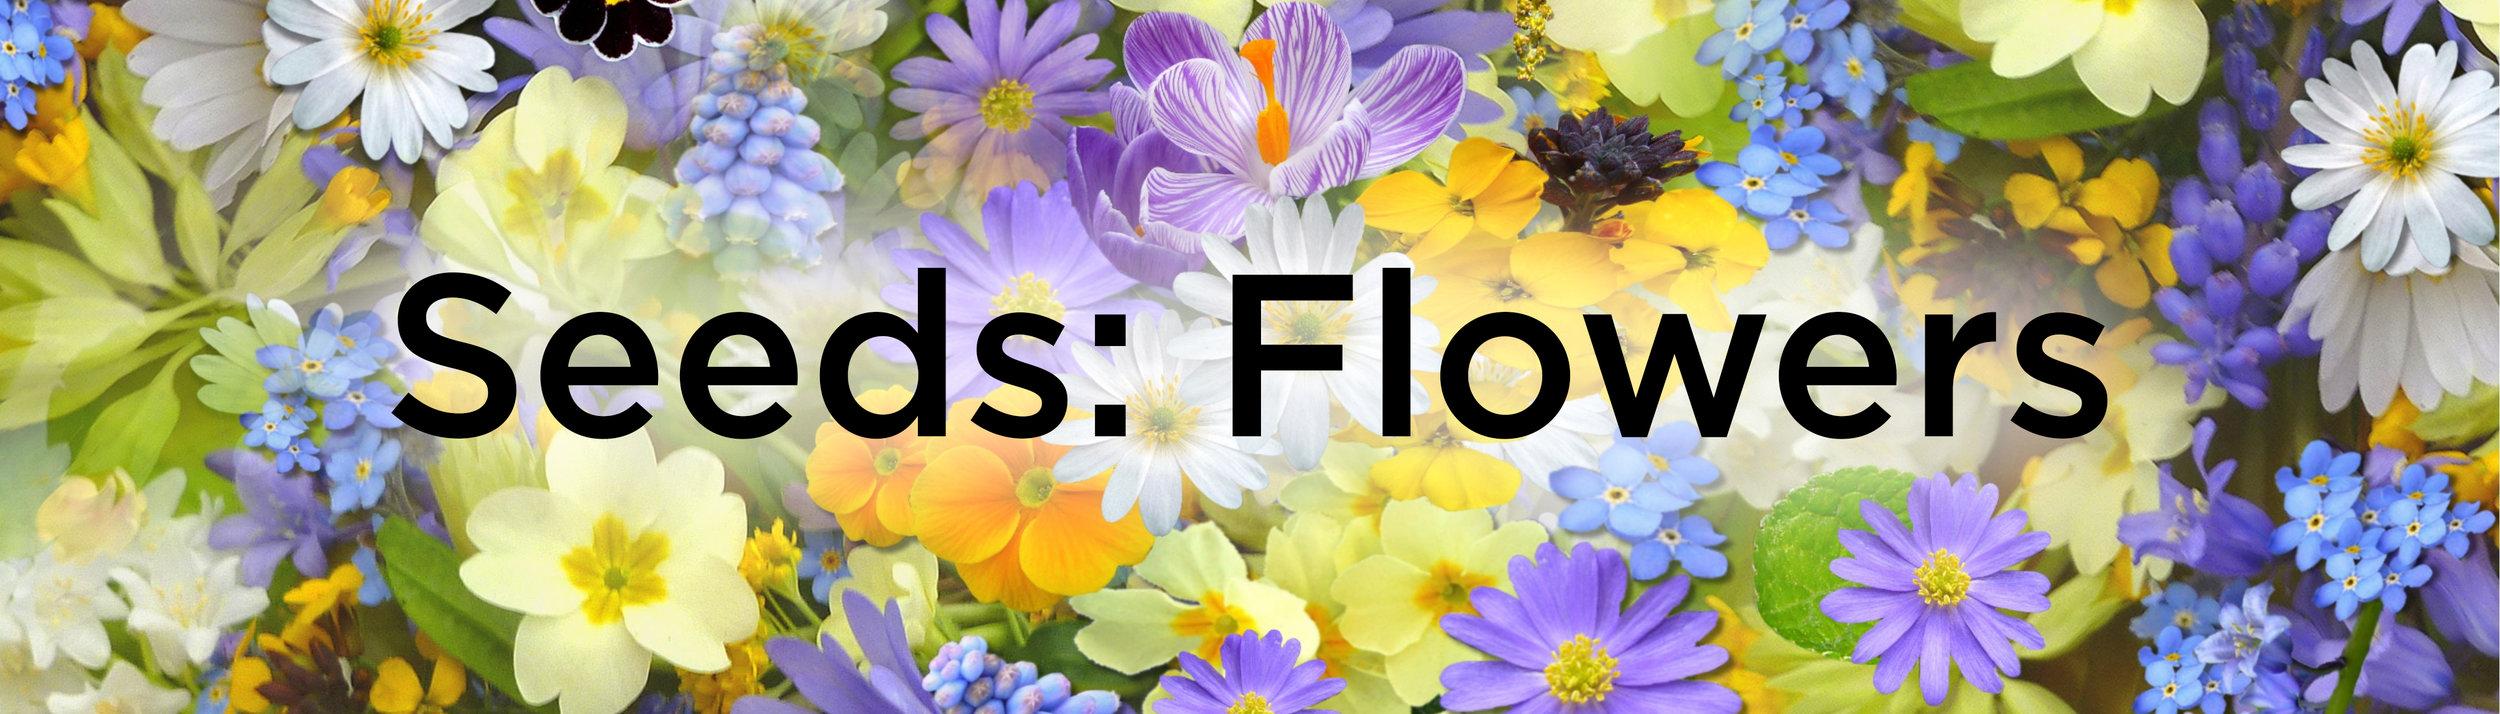 flowers-banner.jpg